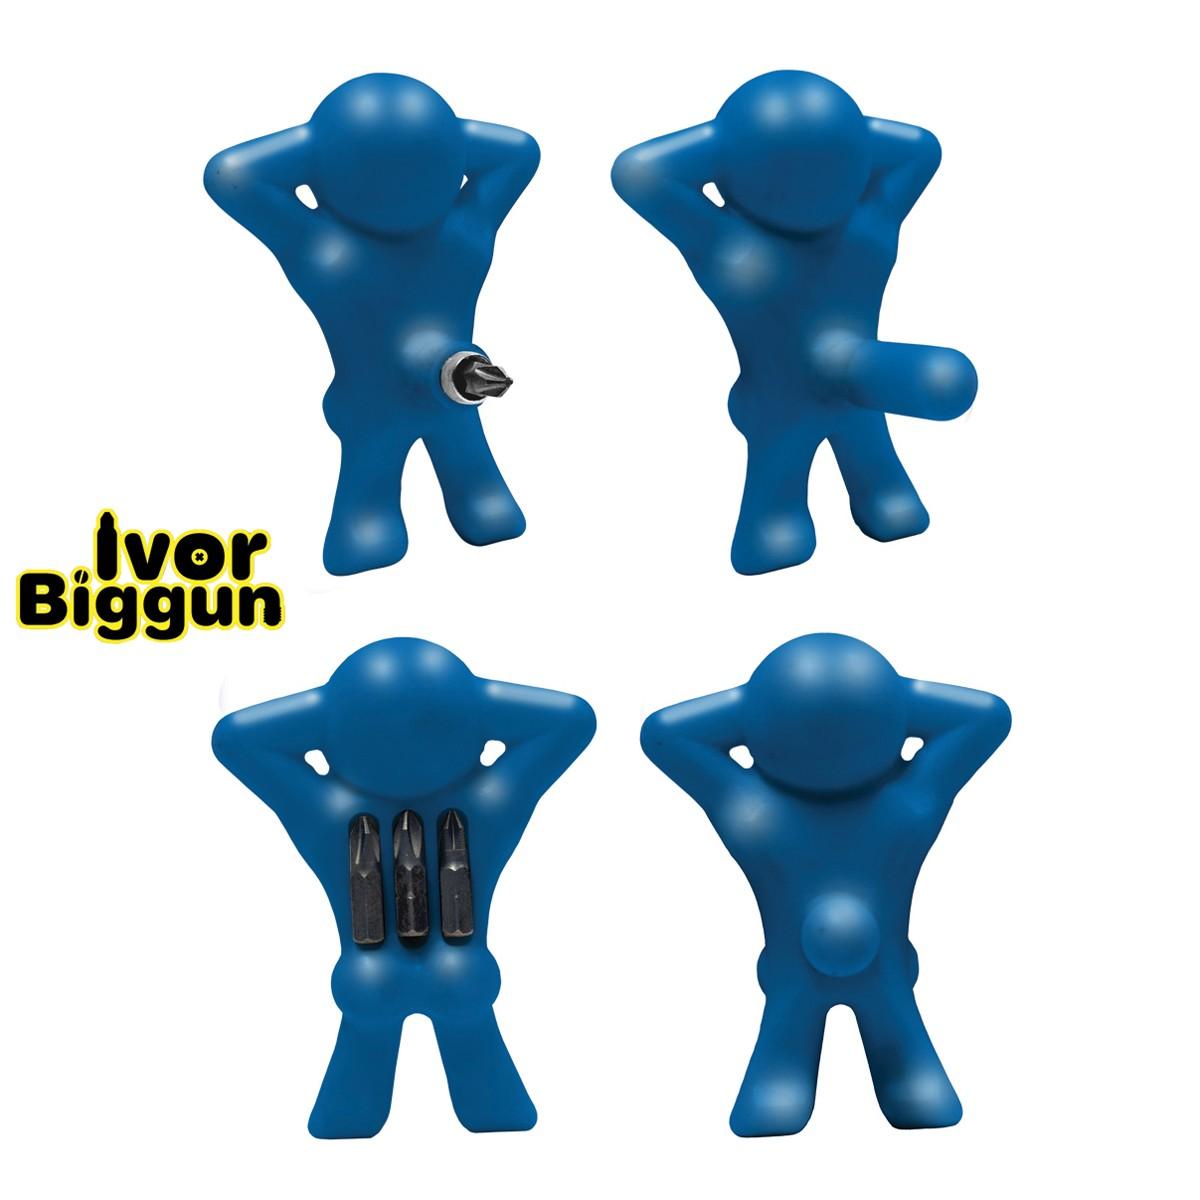 Screwdriver Ivor Biggun